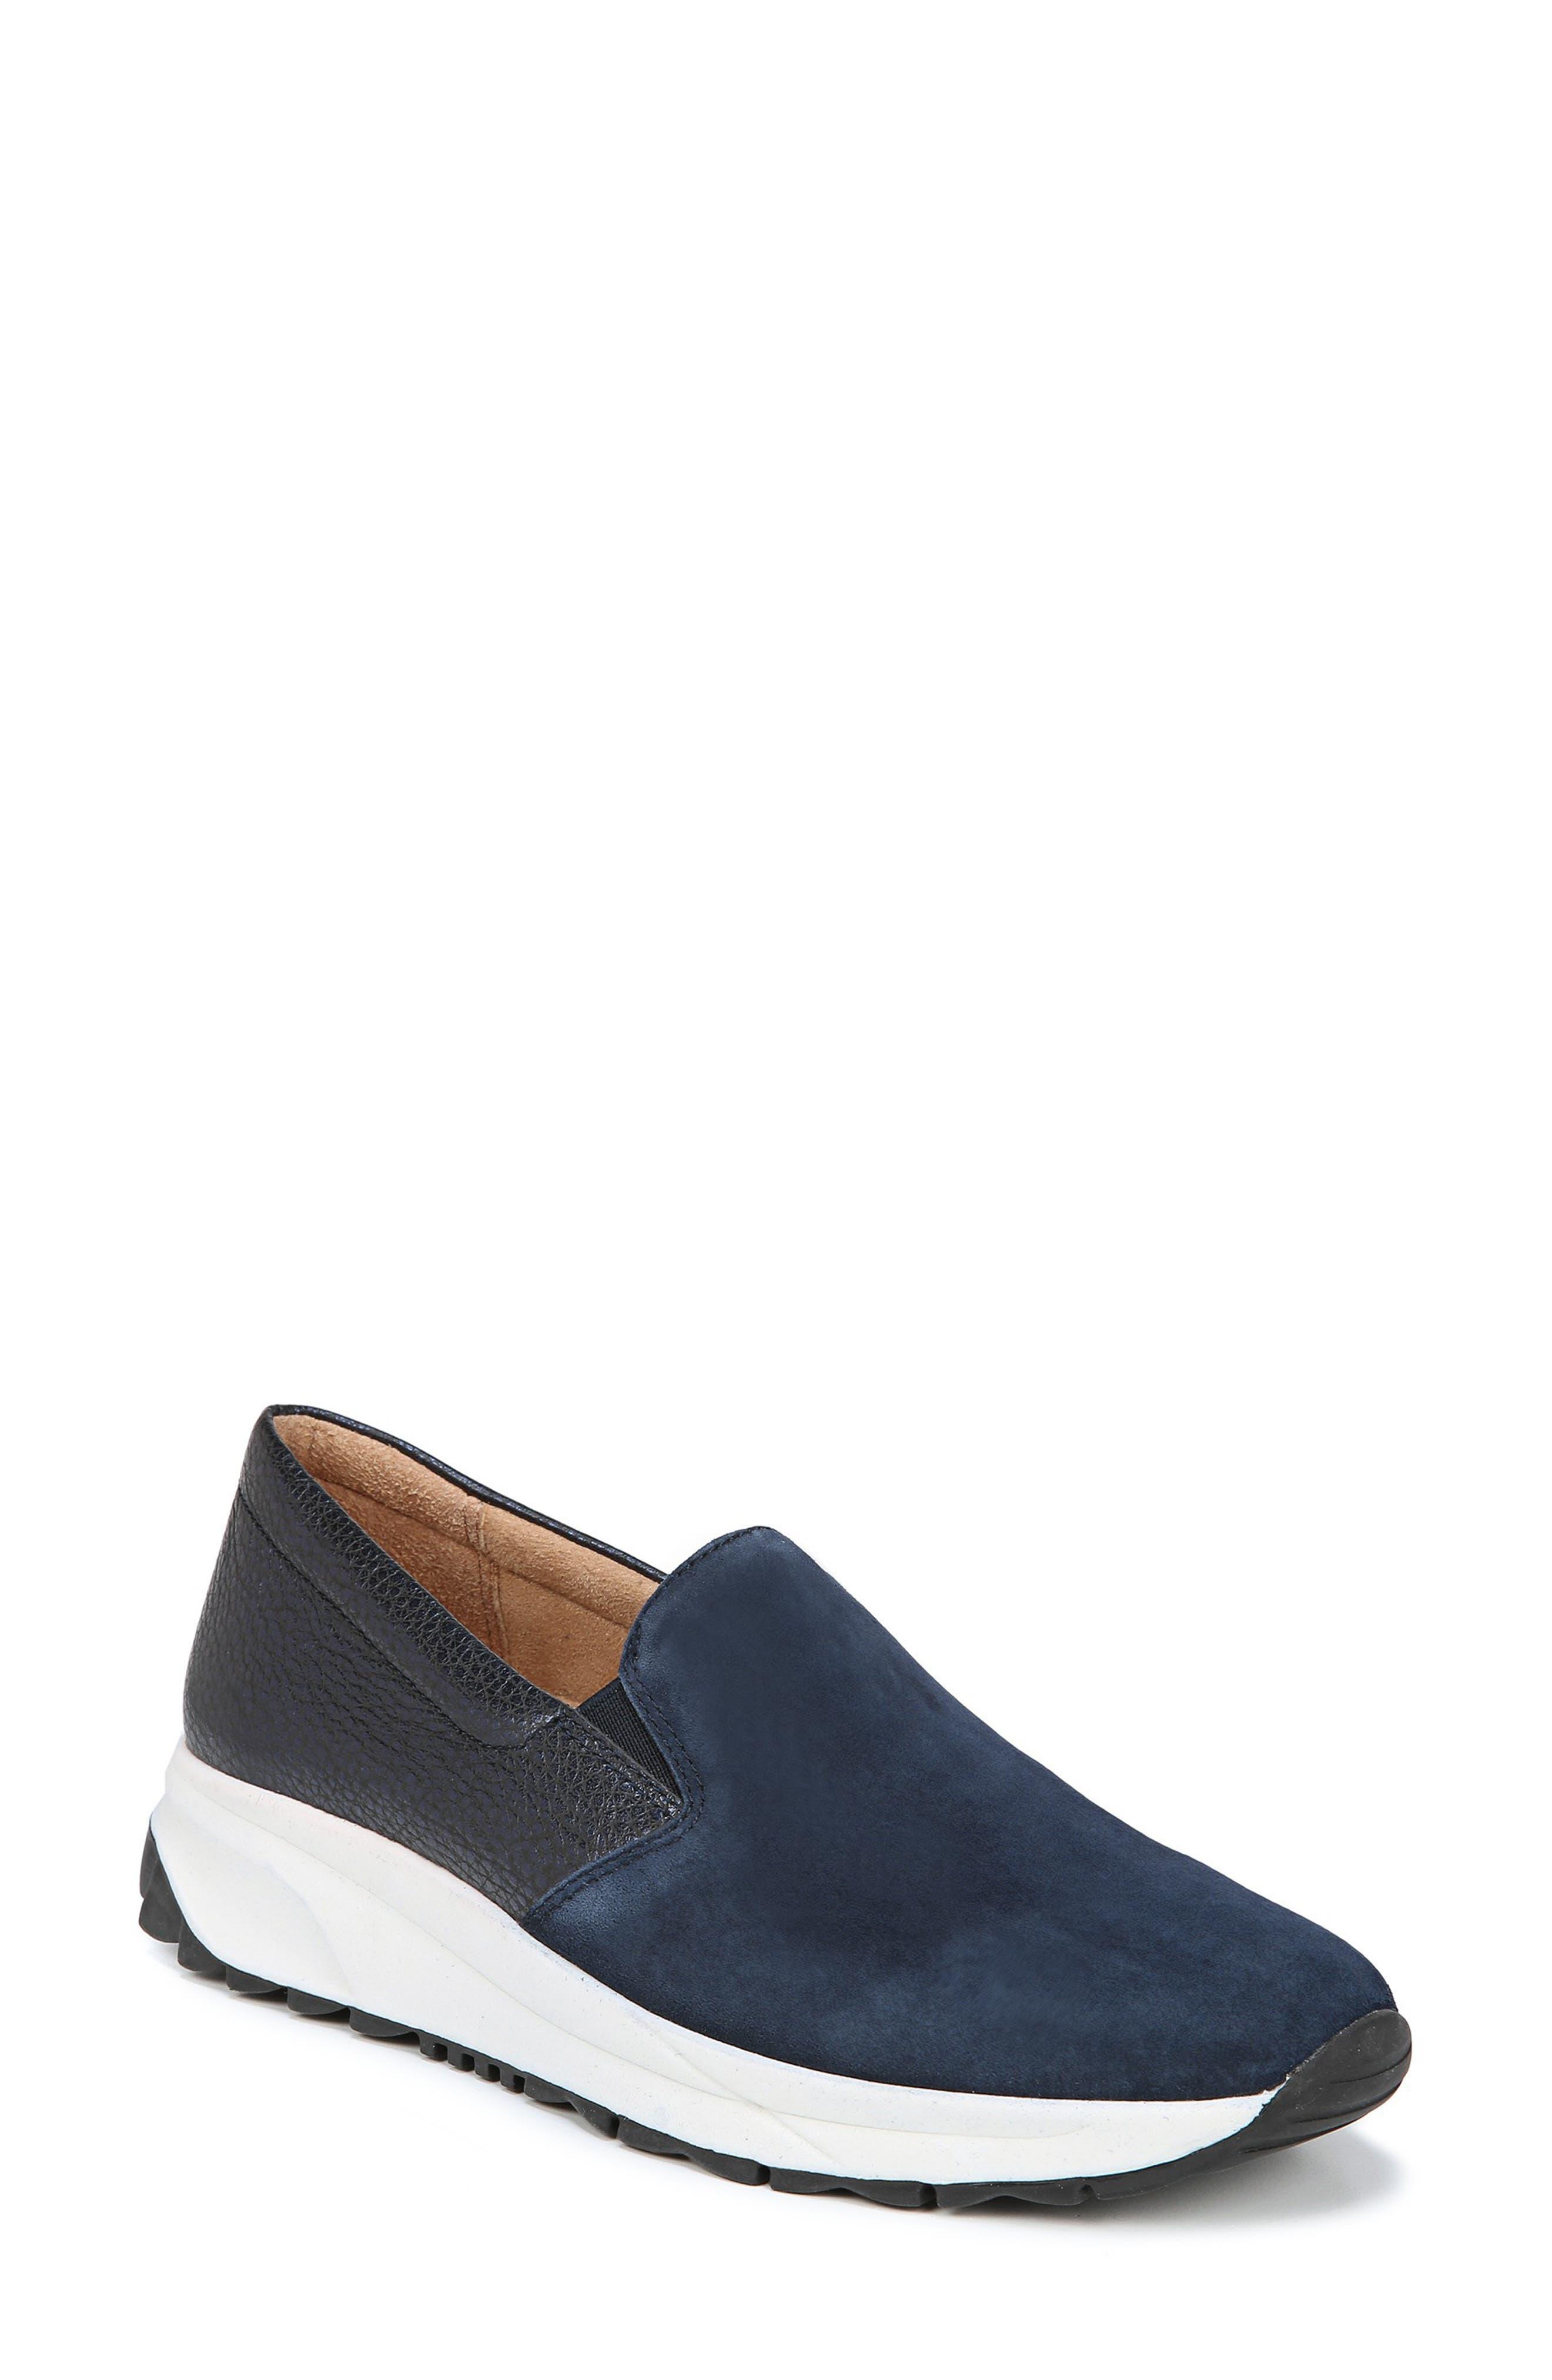 Selah Slip-On Sneaker,                             Main thumbnail 1, color,                             INKY NAVY SUEDE